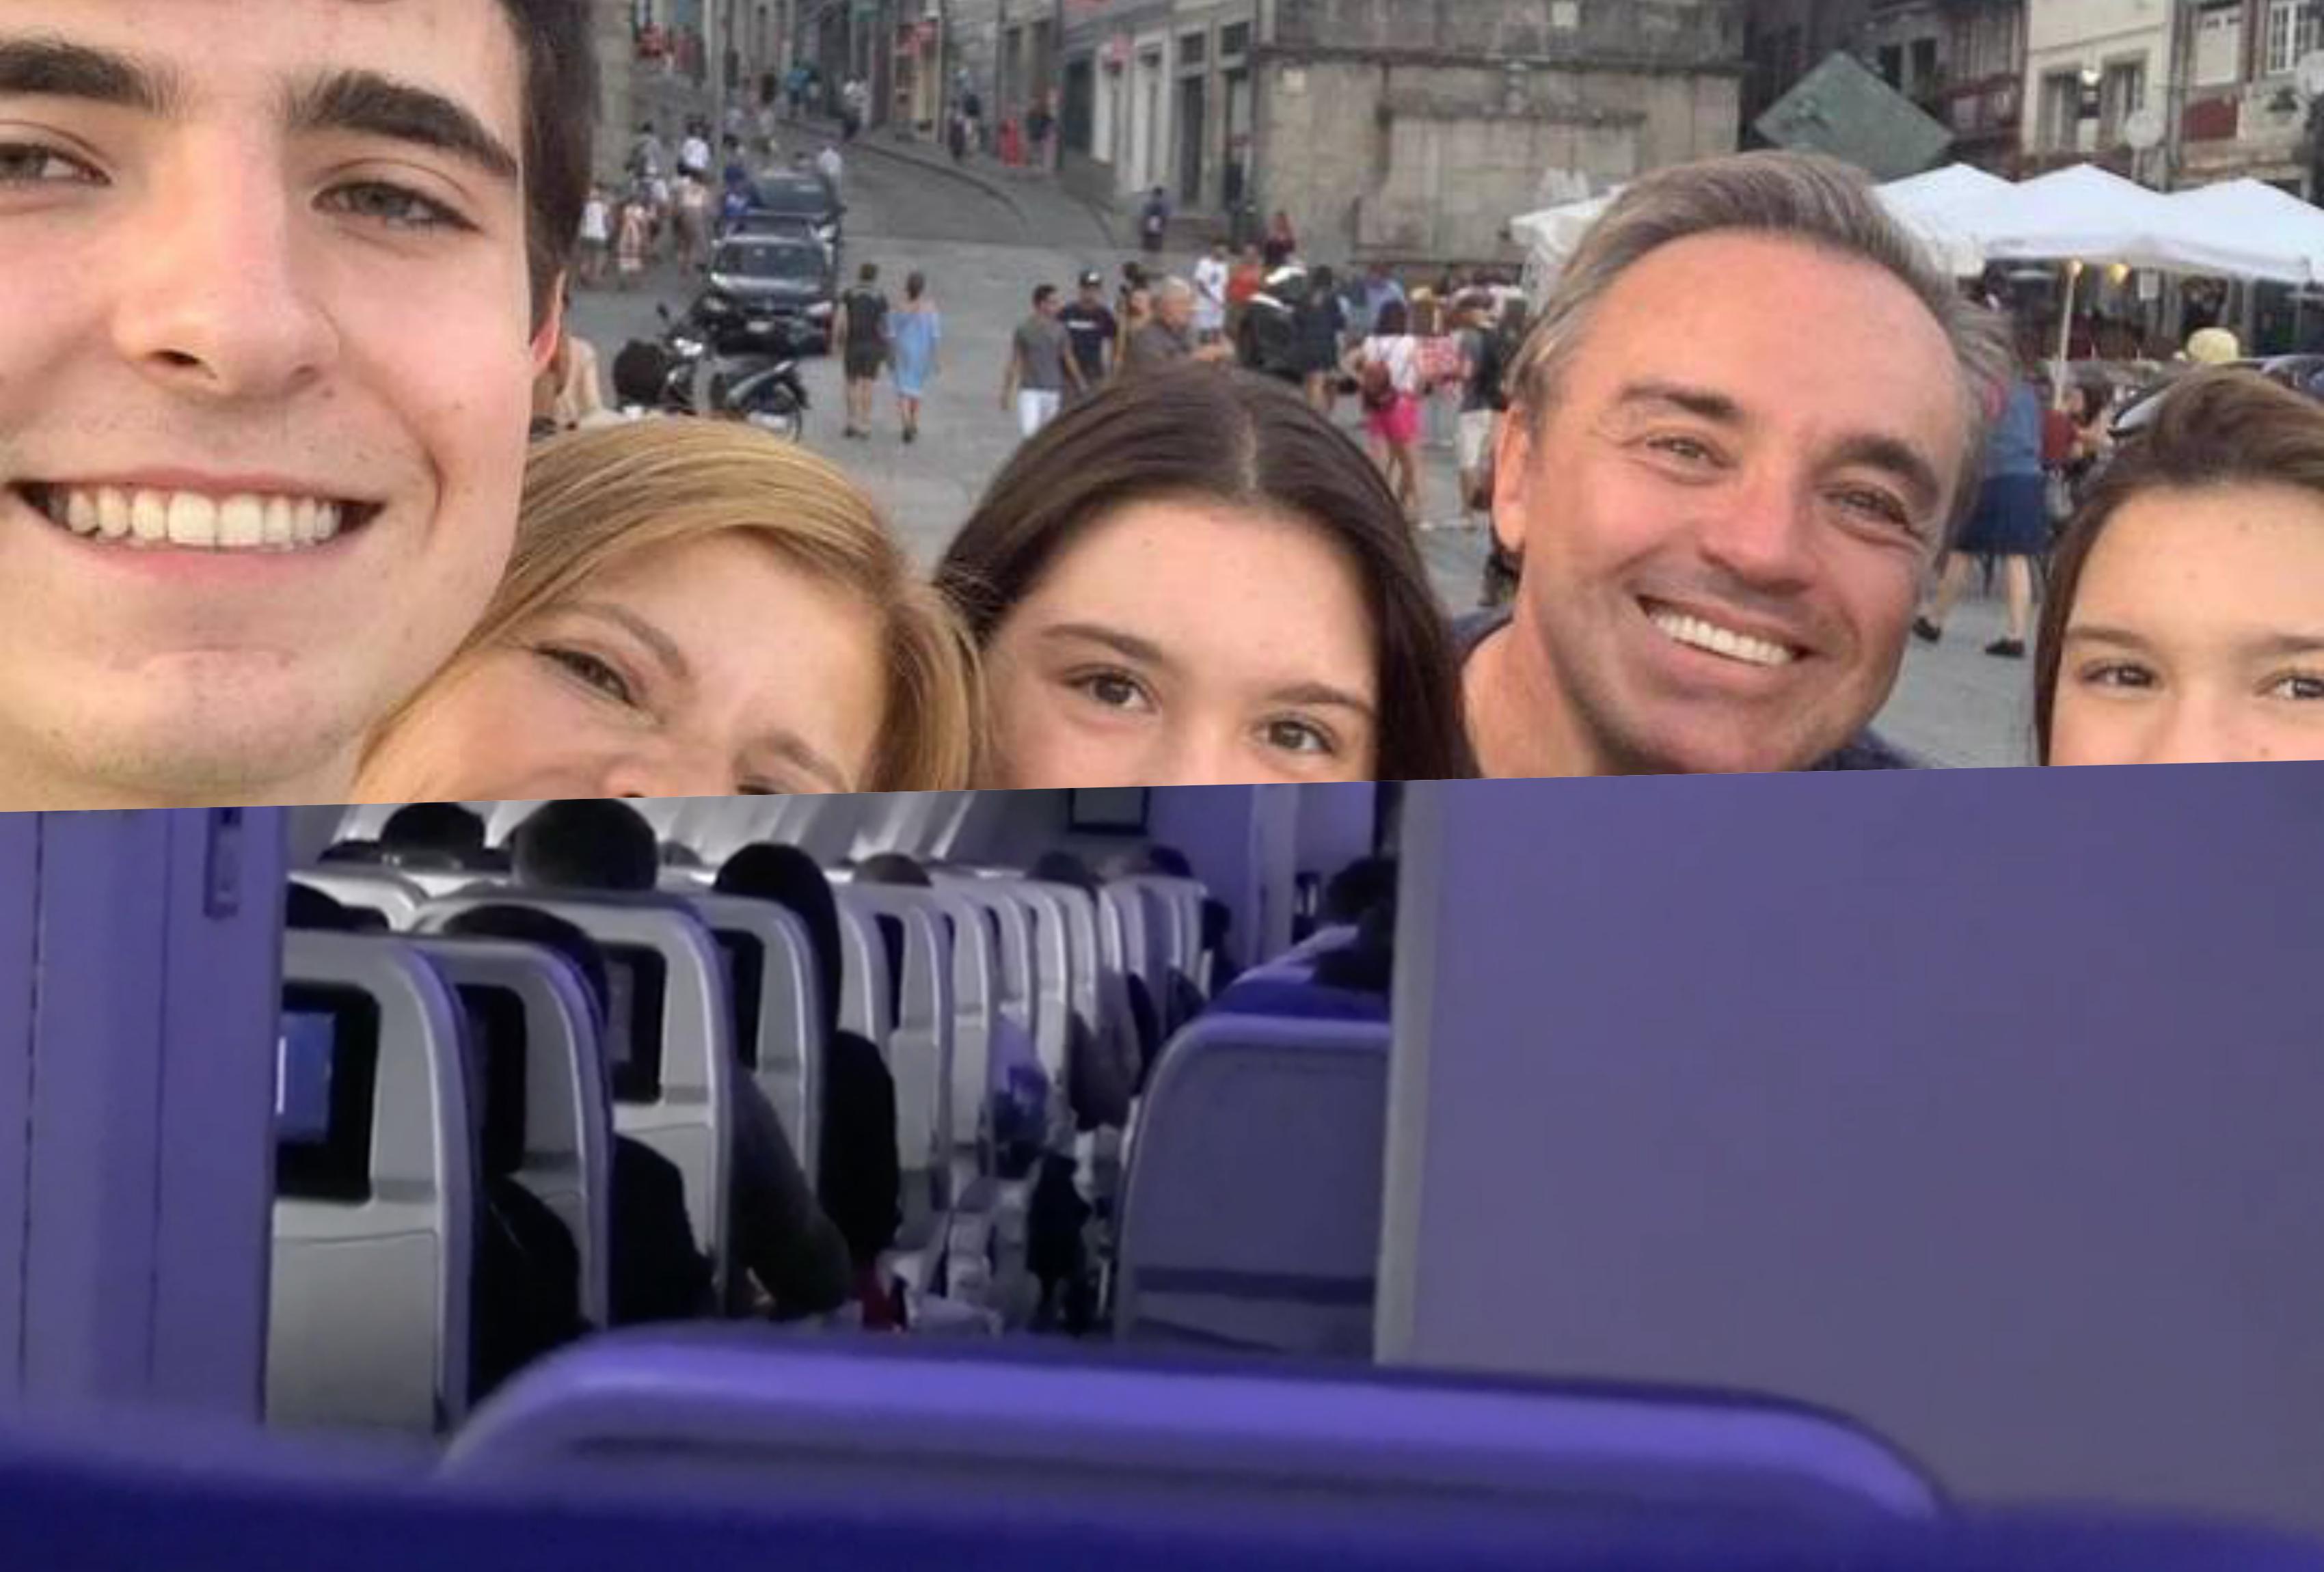 Família de Gugu veio em avião junto com o corpo do apresentador, público questiona herança (Foto montagem)